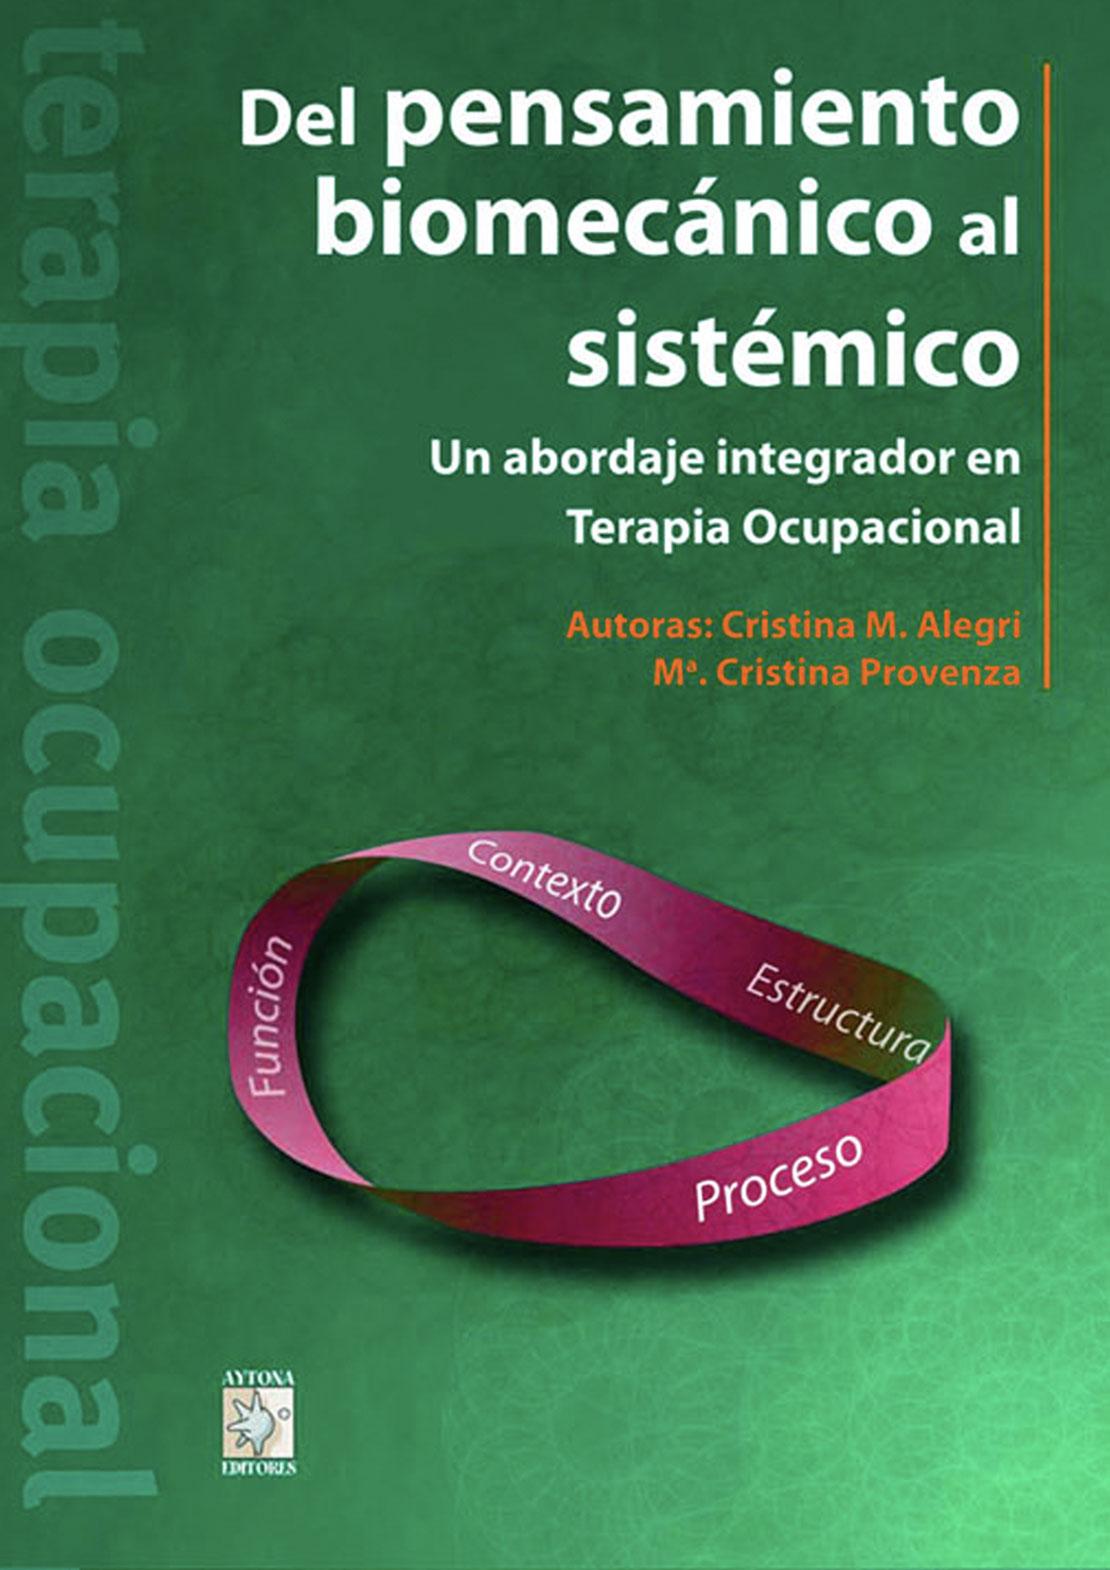 Libros Terapia Ocupacional Del pensamiento biomecánico al sistémico